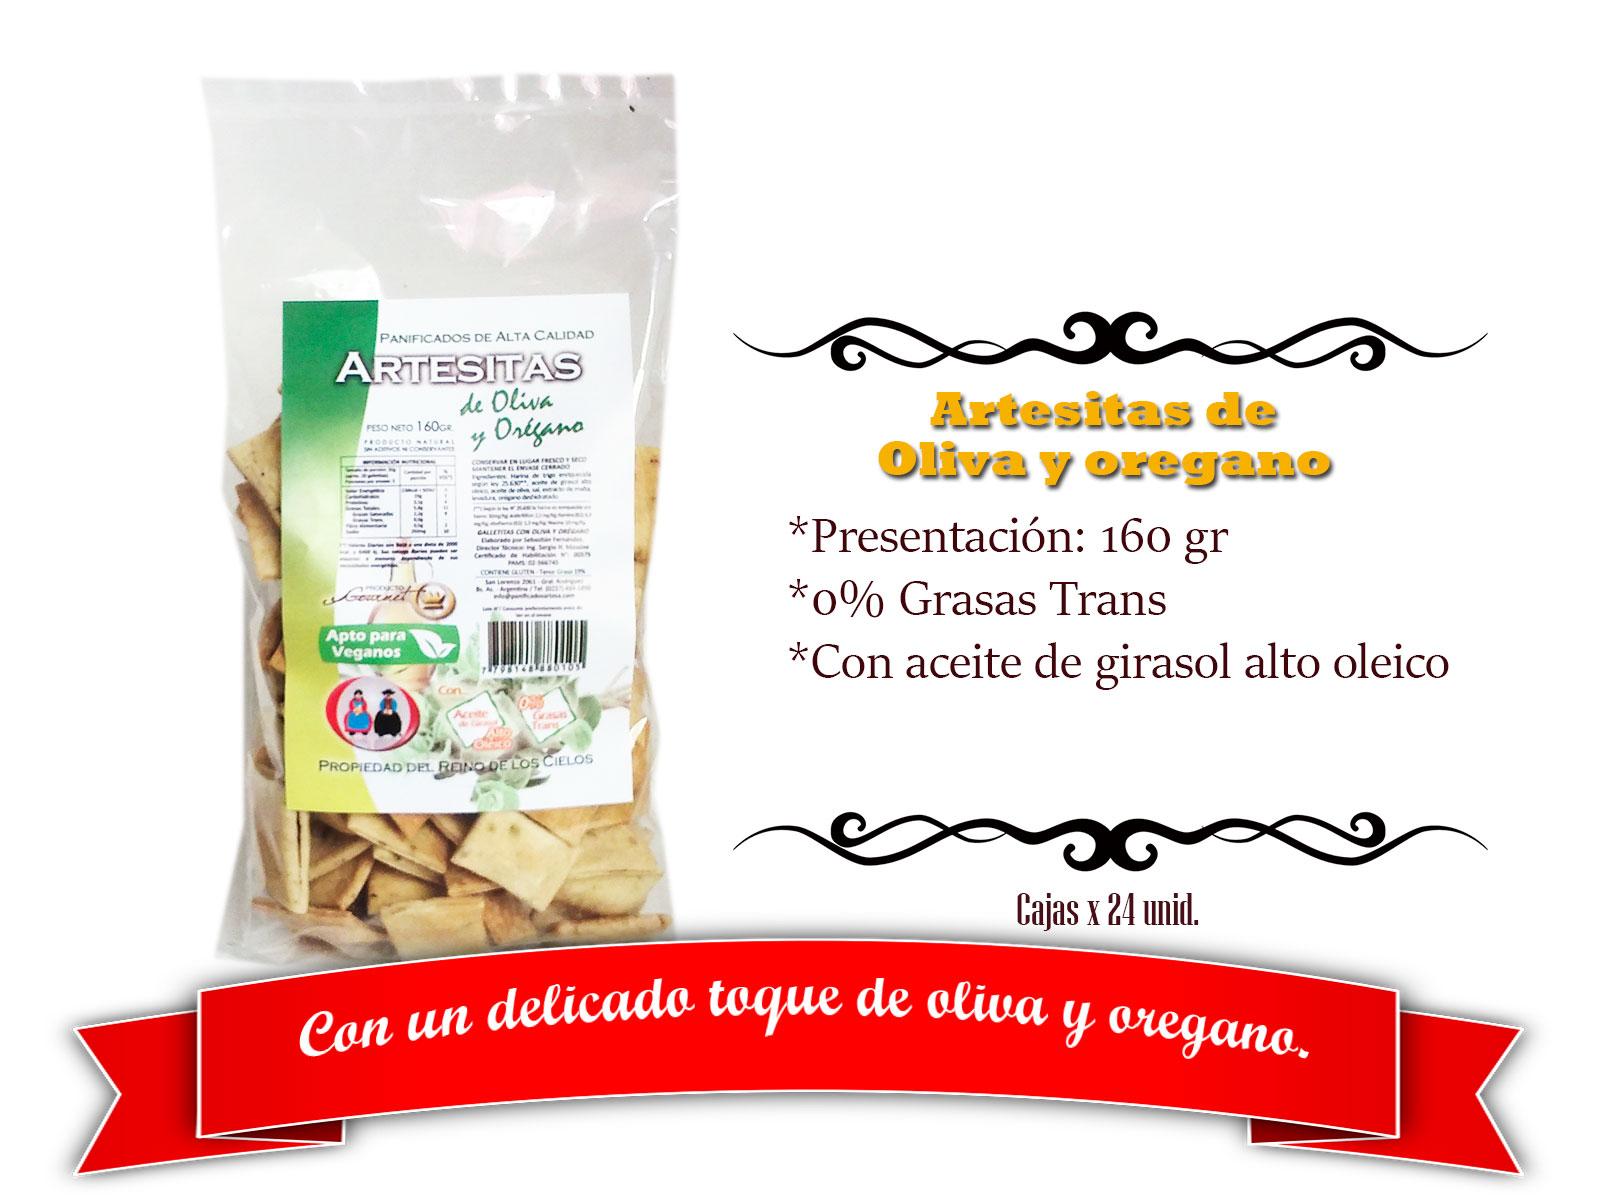 Artesitas de Oliva y Oregano